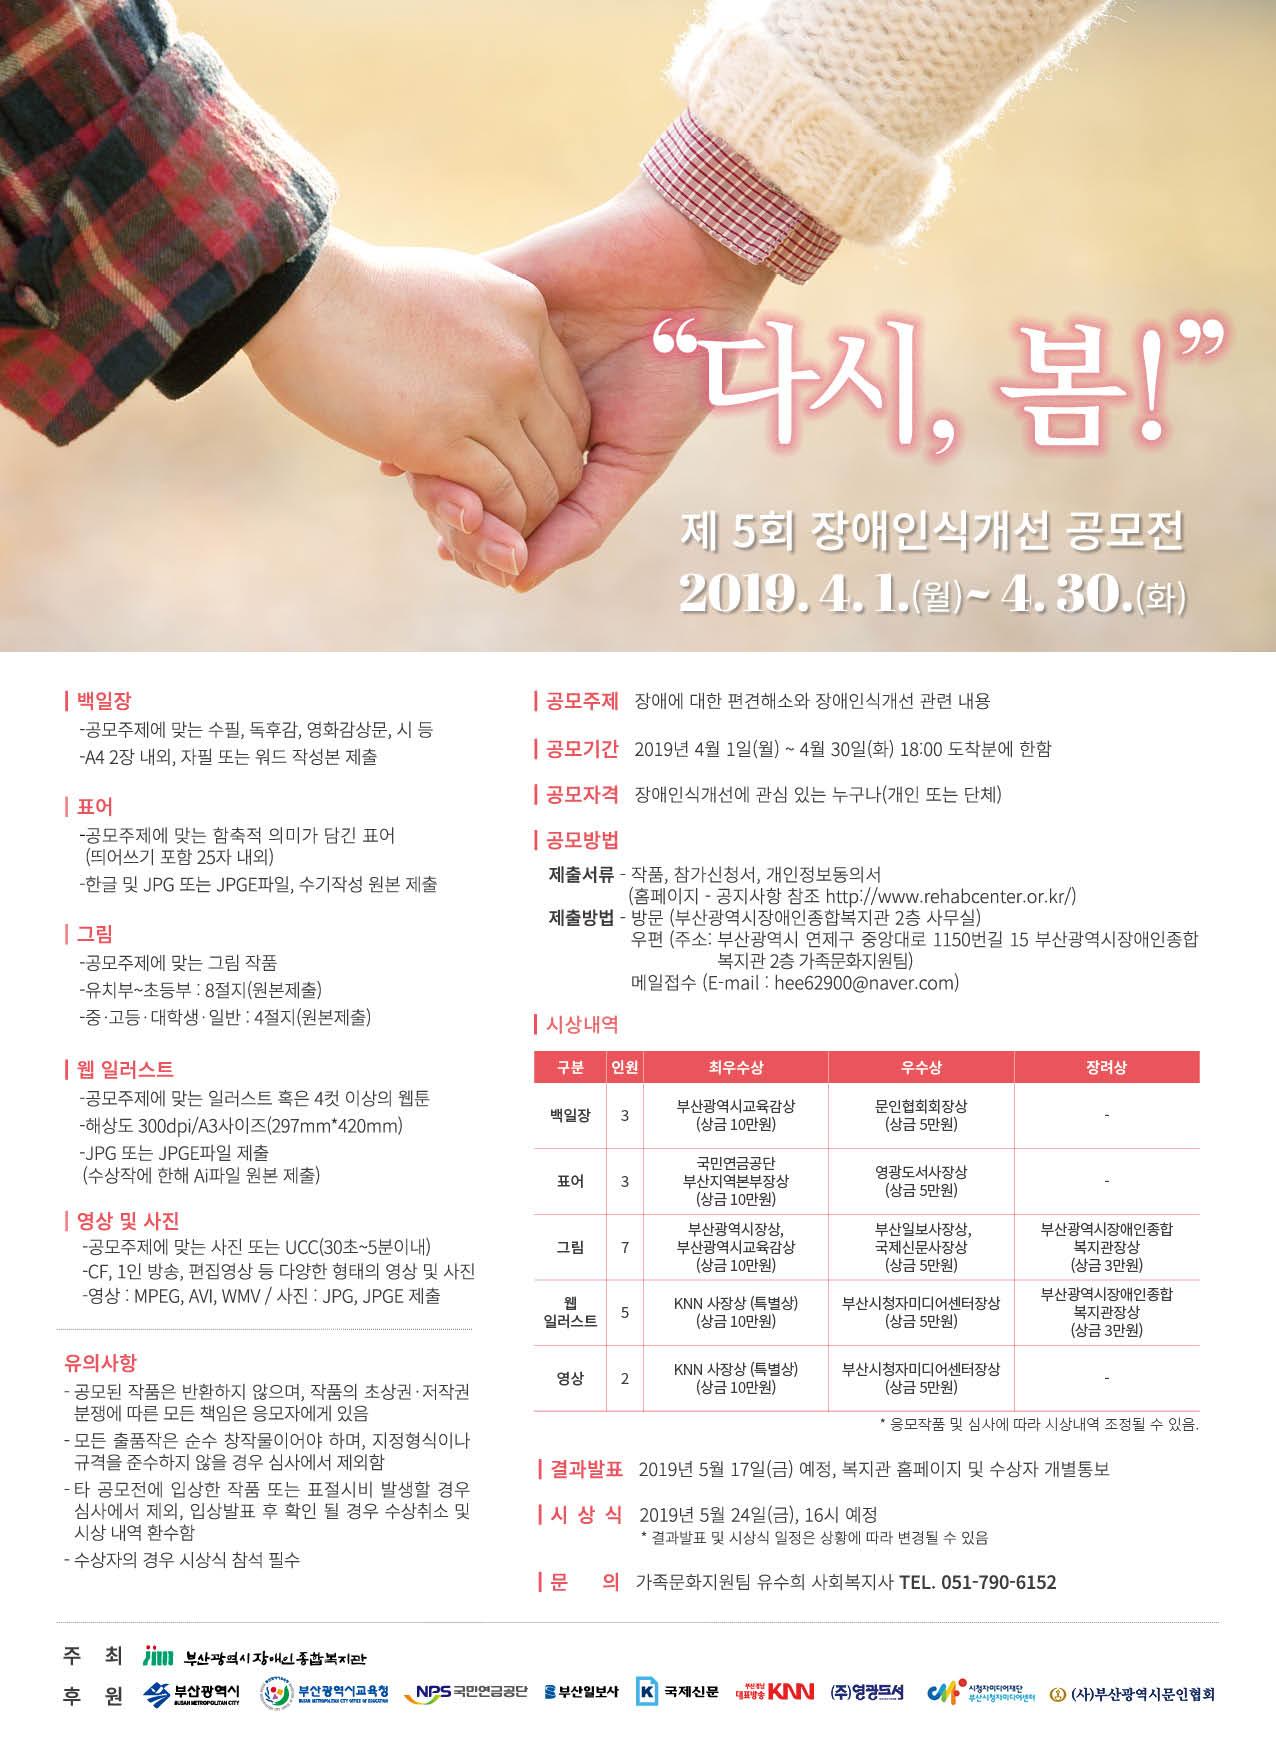 부산장애인복지 다시봄 포스터 웹용(저)